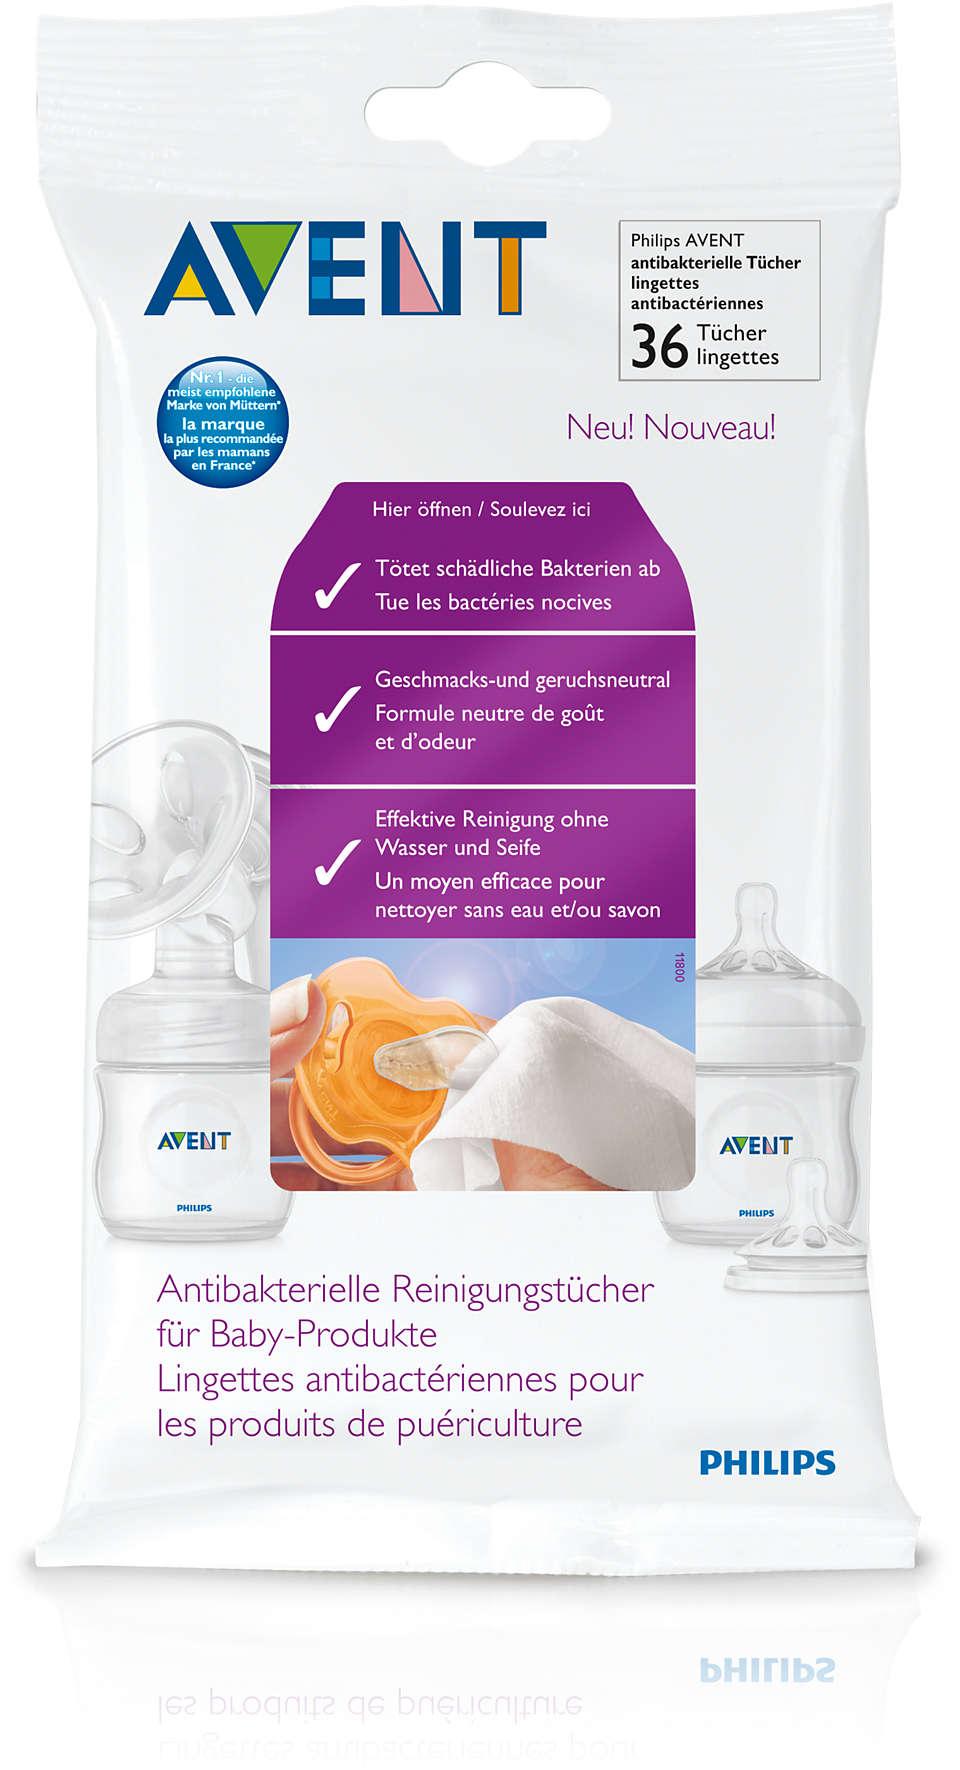 Skuteczne czyszczenie produktów dla dzieci w podróży